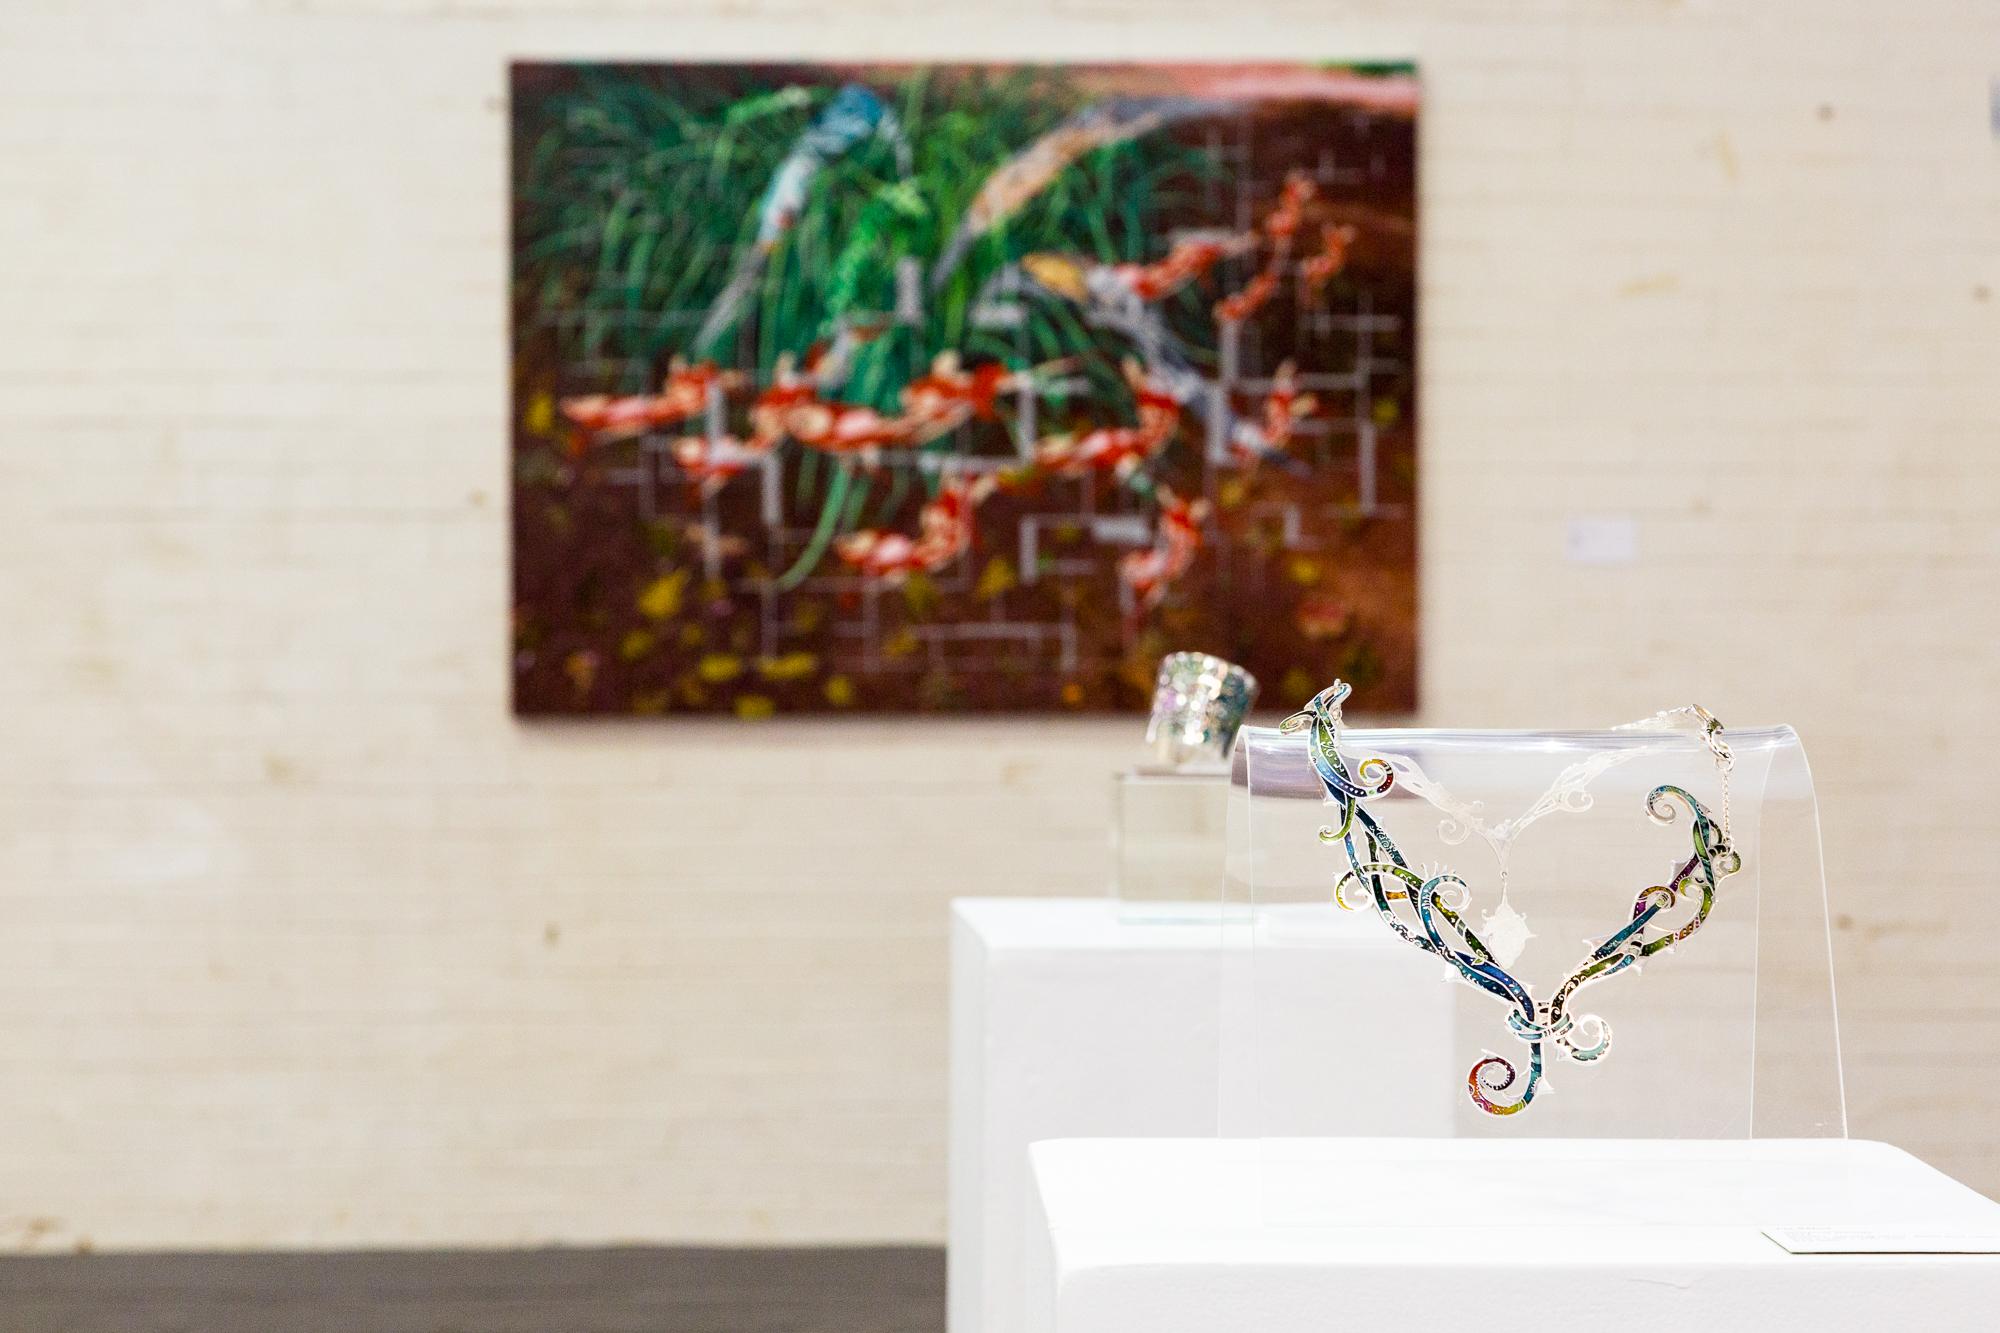 AAP butler gallery-163.jpg